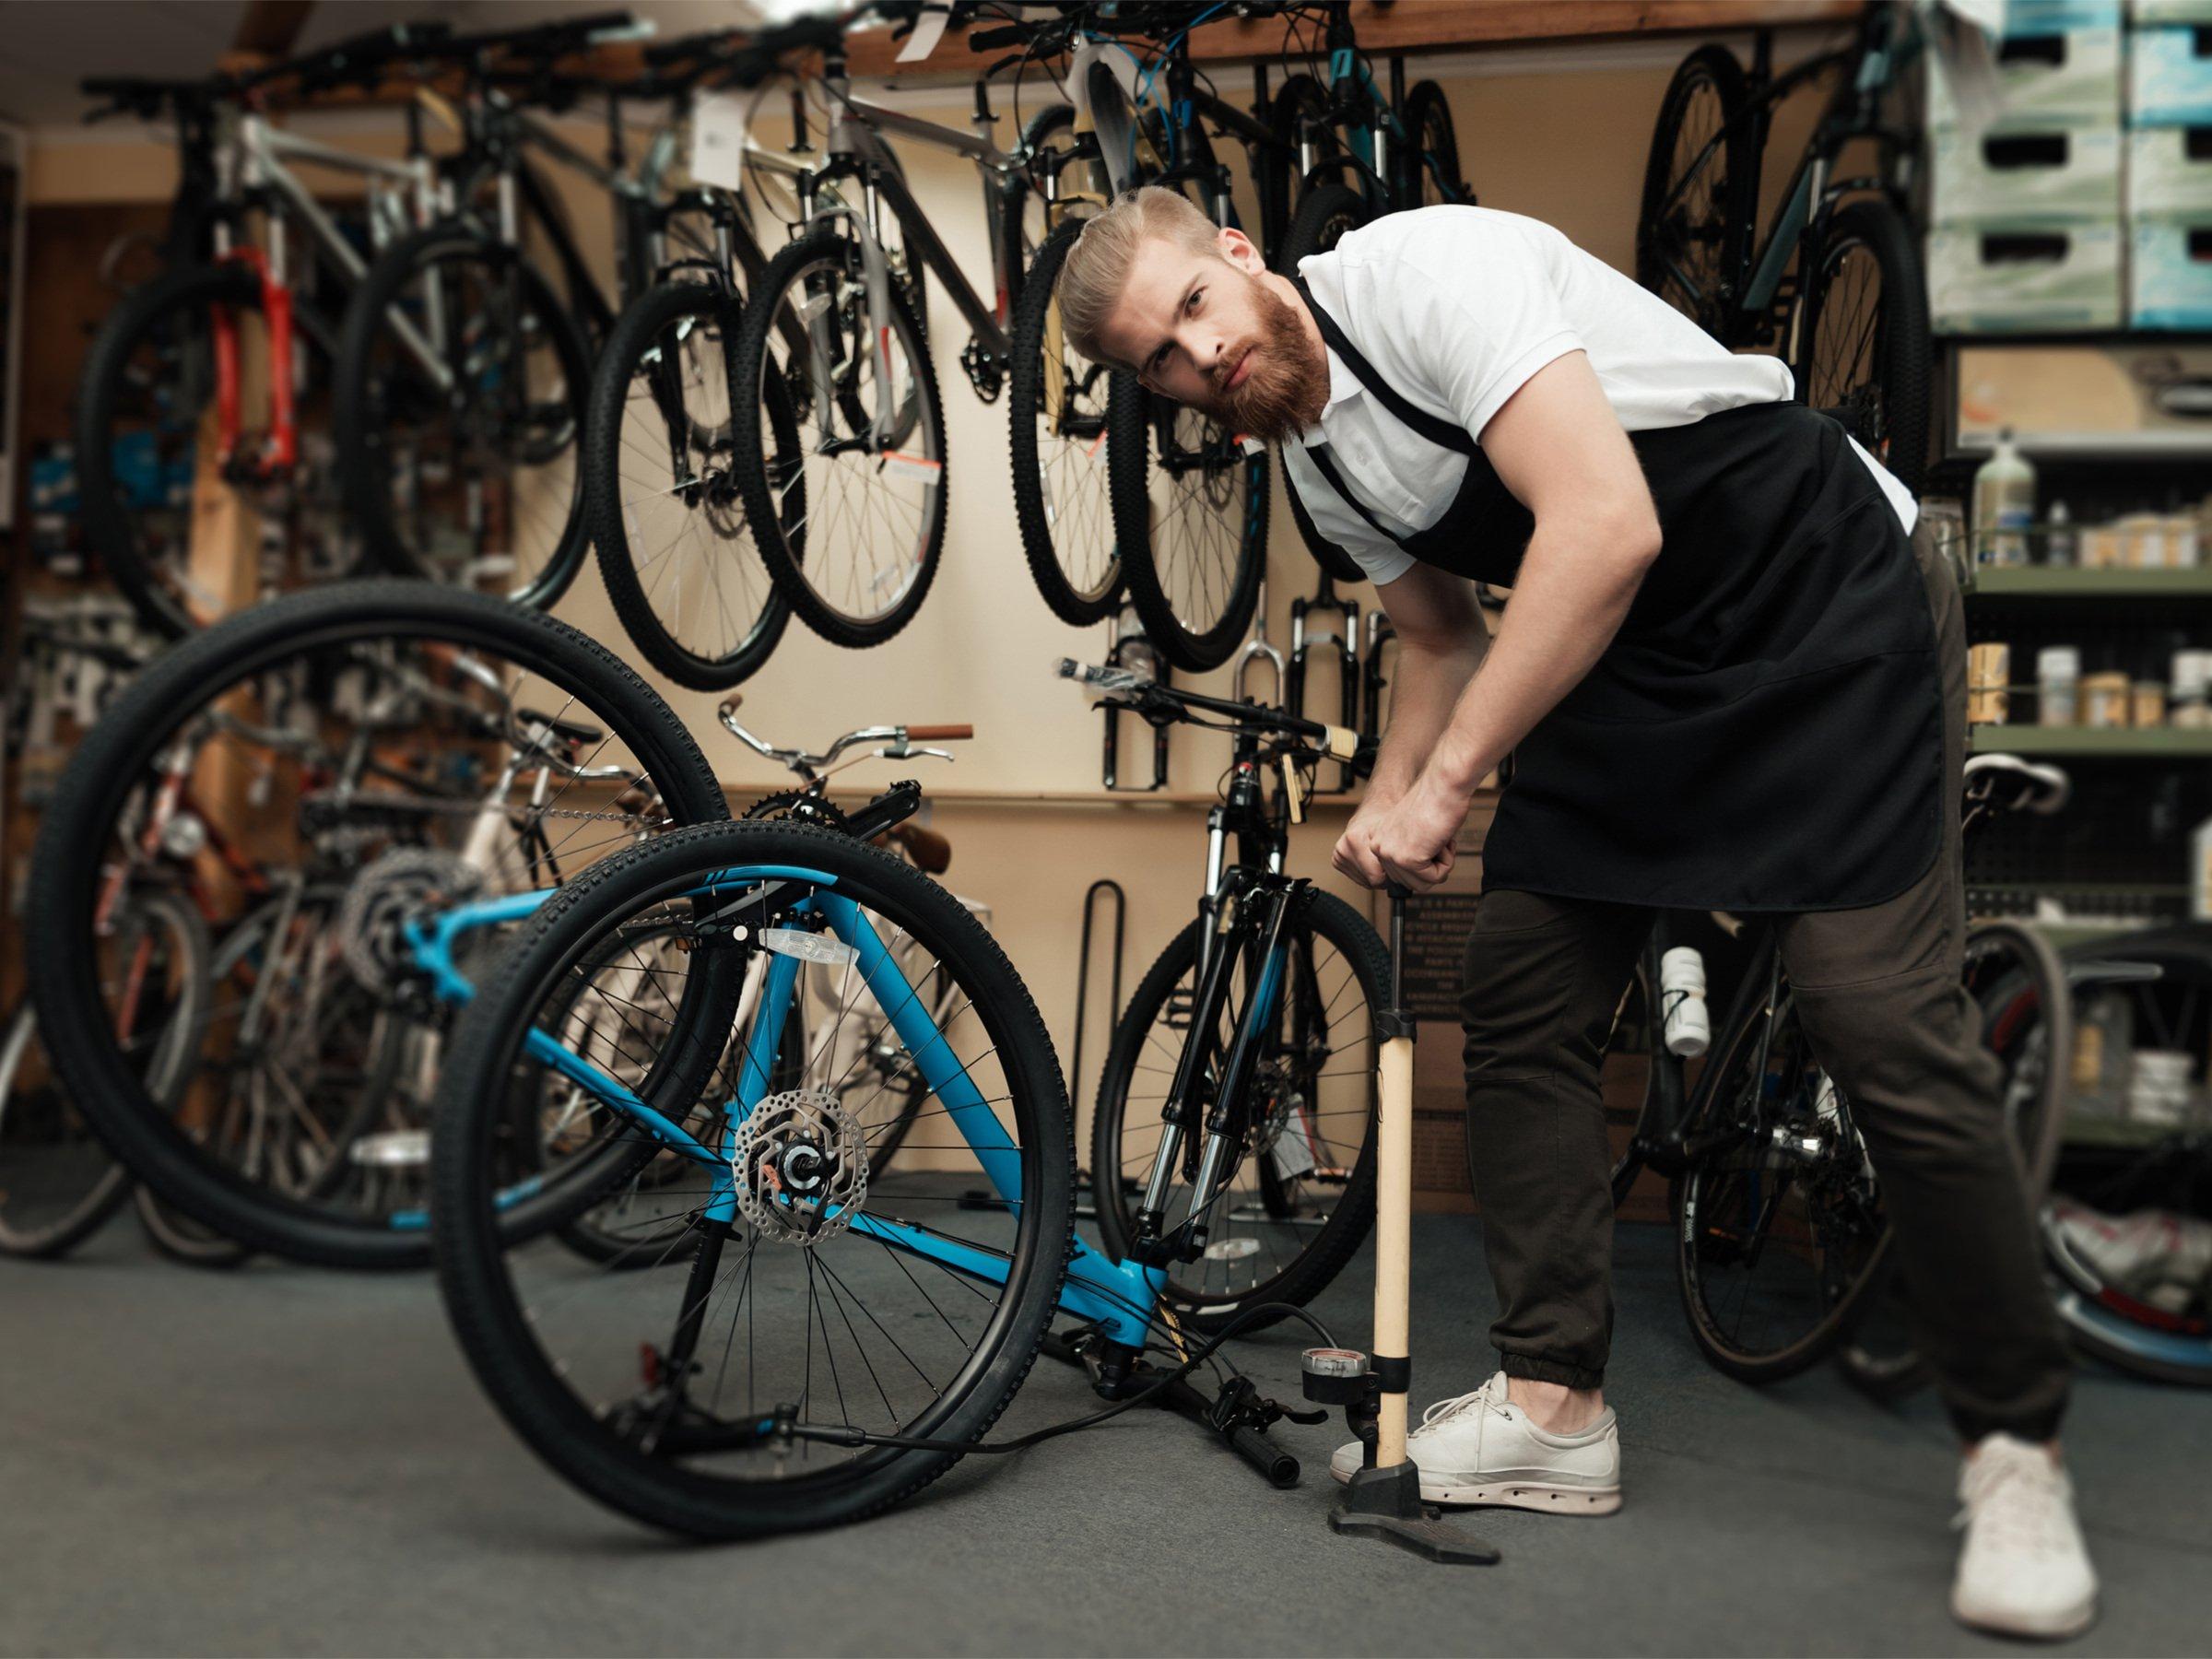 antritt klingeln bei kl tzer altes fahrrad reparieren luft aufpumpen geh rt zum. Black Bedroom Furniture Sets. Home Design Ideas